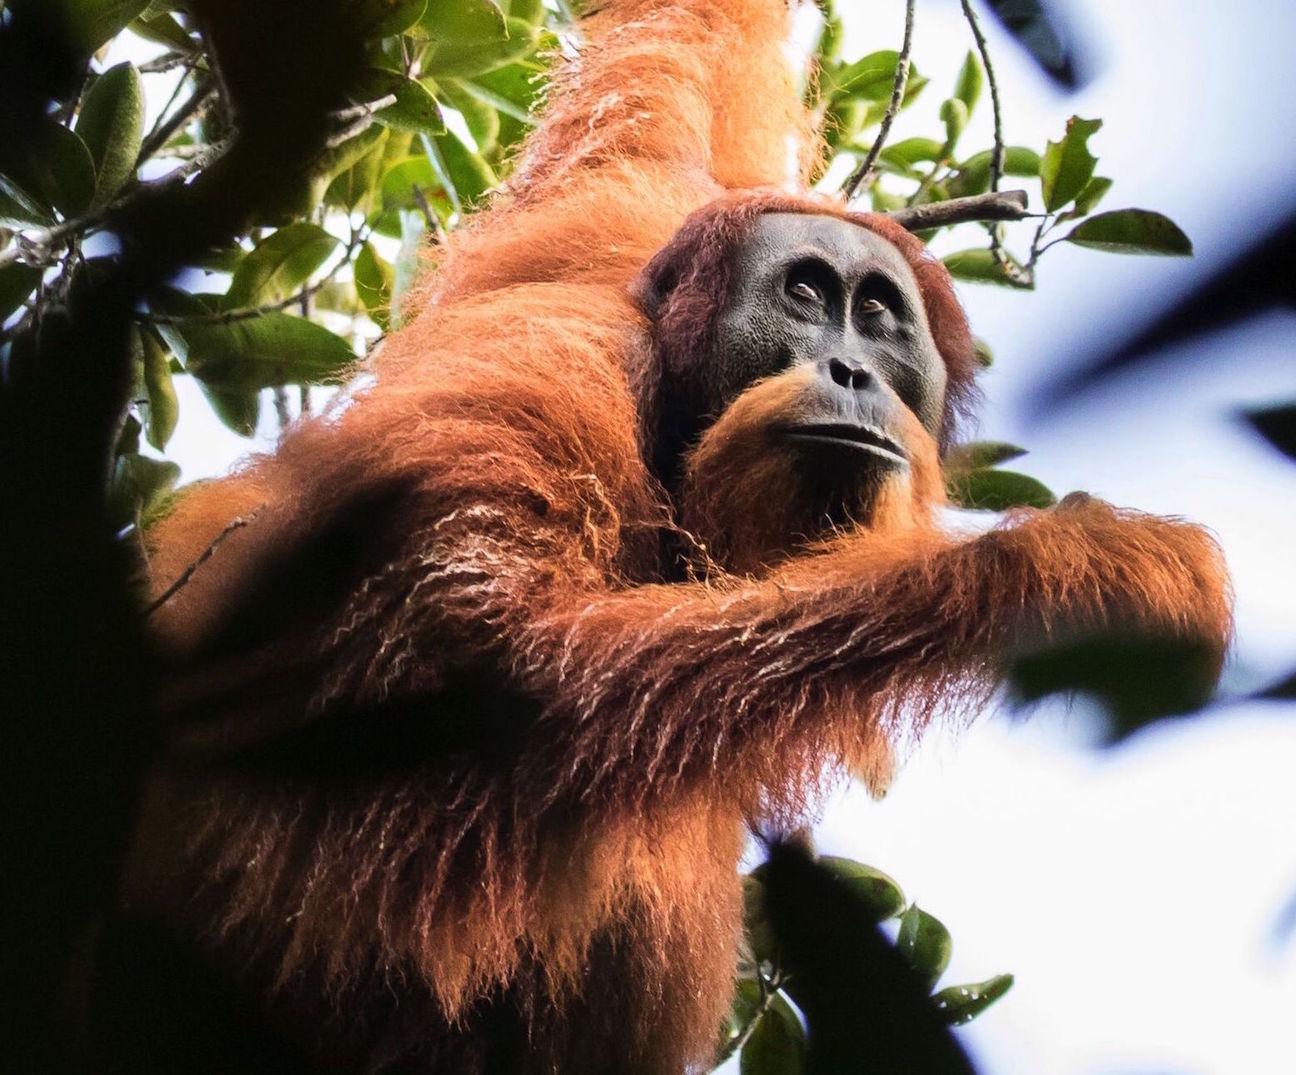 Orangutan-Tapanuli-Maxime Aliaga3.jpg